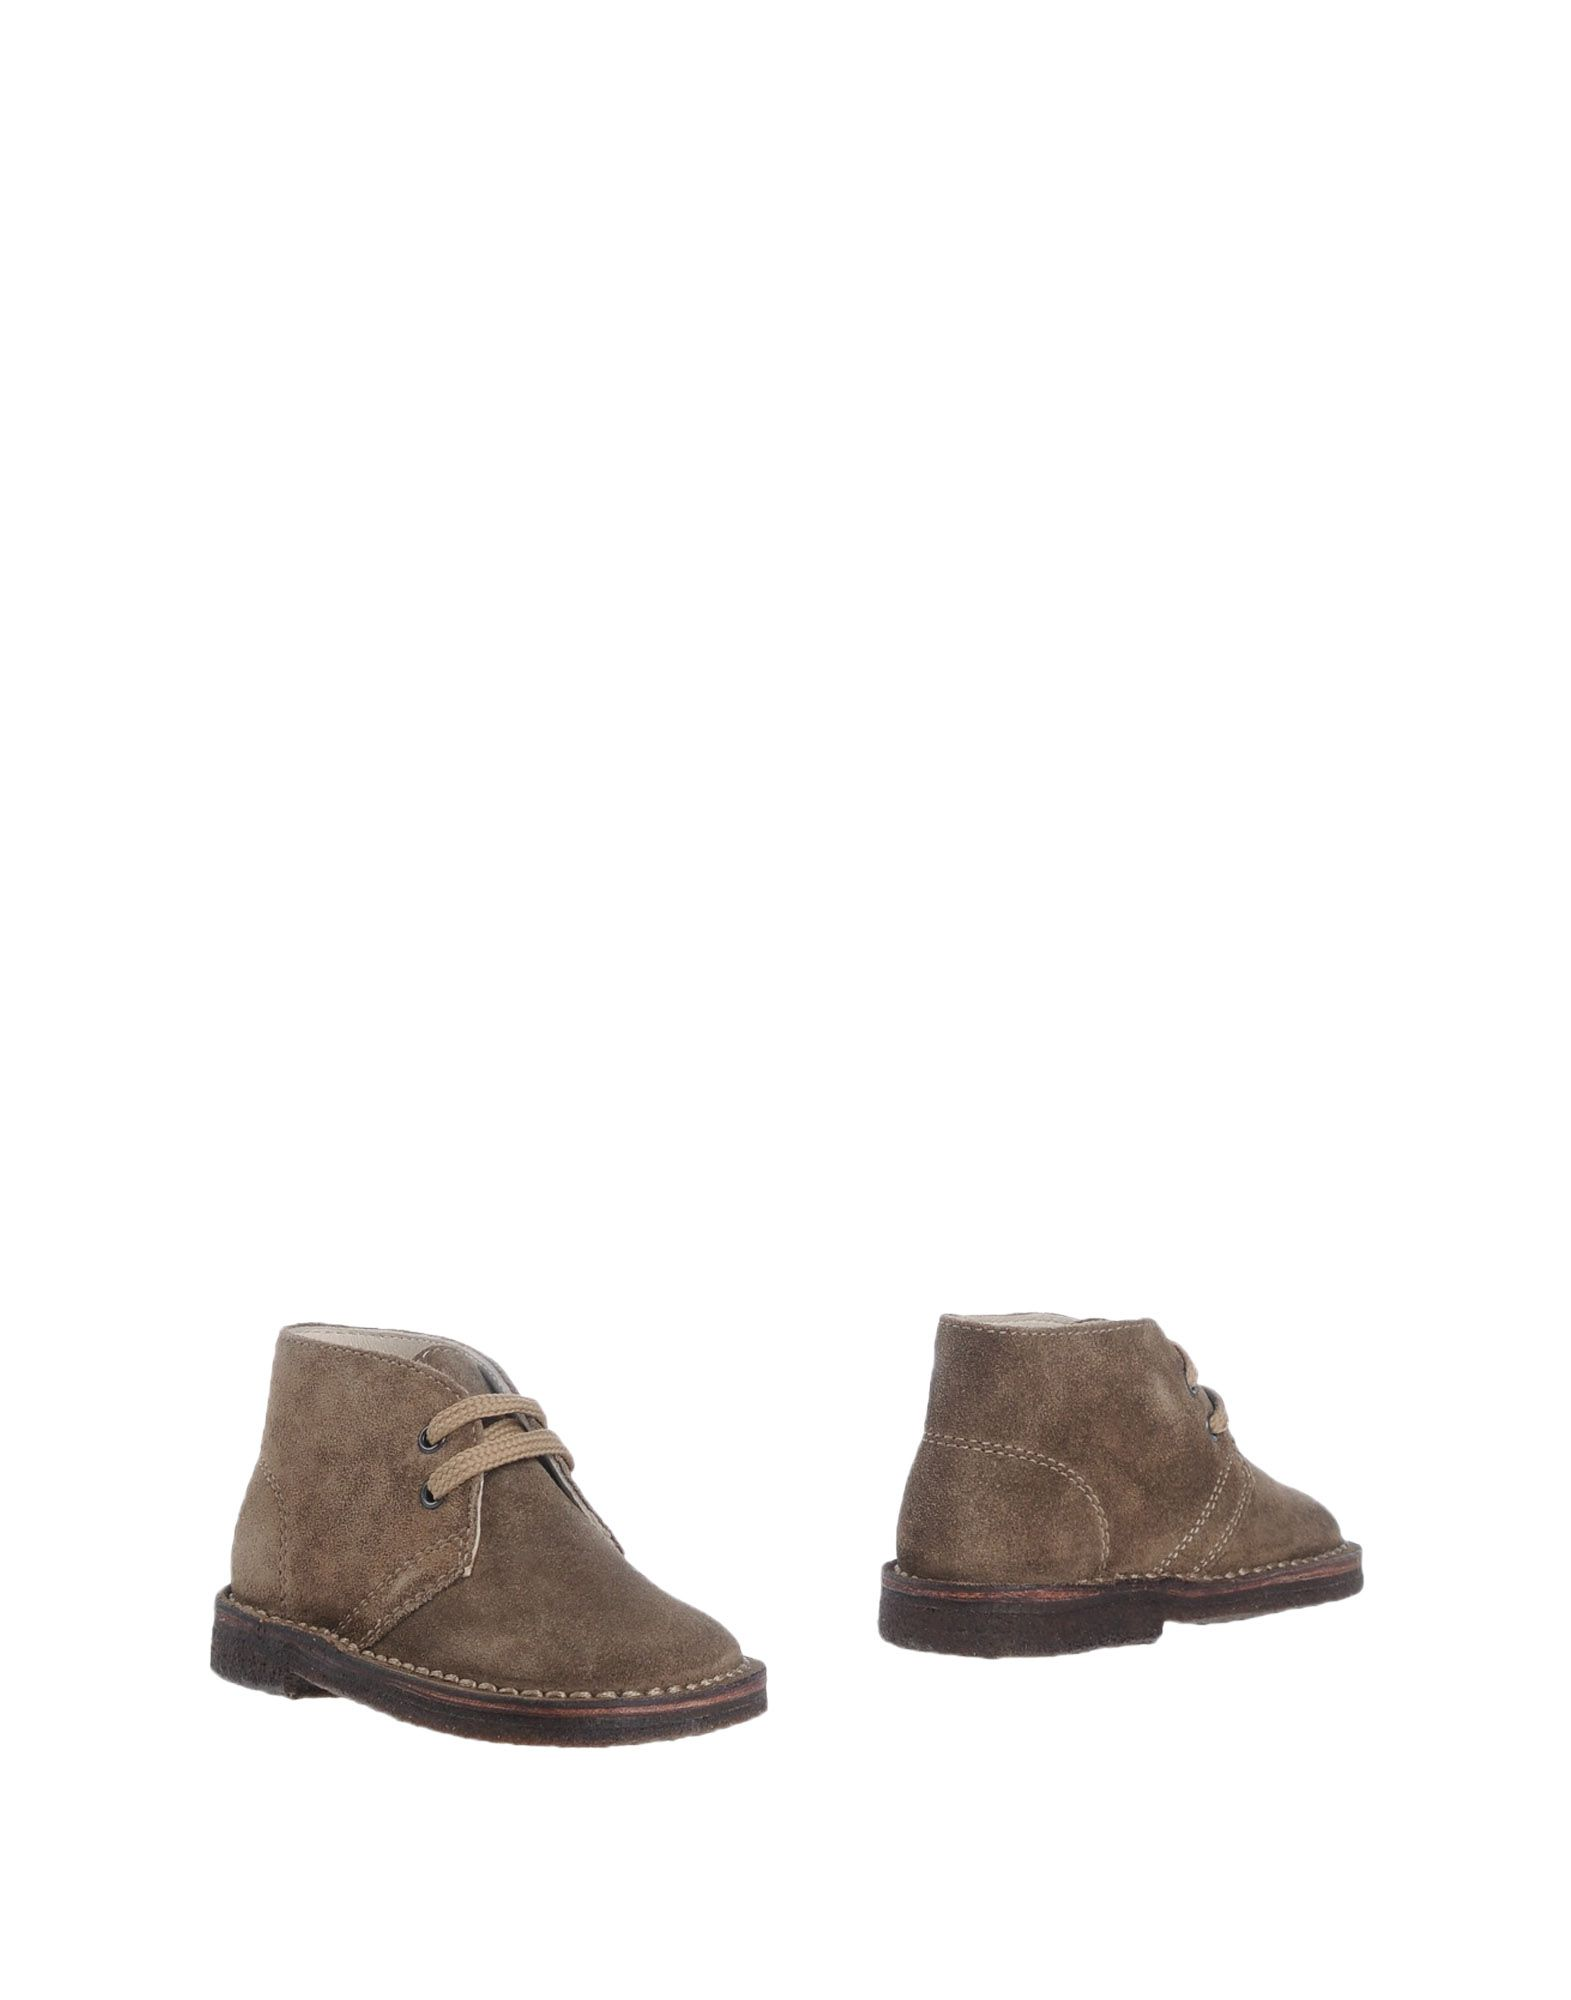 EQUERRY Jungen 0-24 monate Stiefelette Farbe Khaki Größe 38